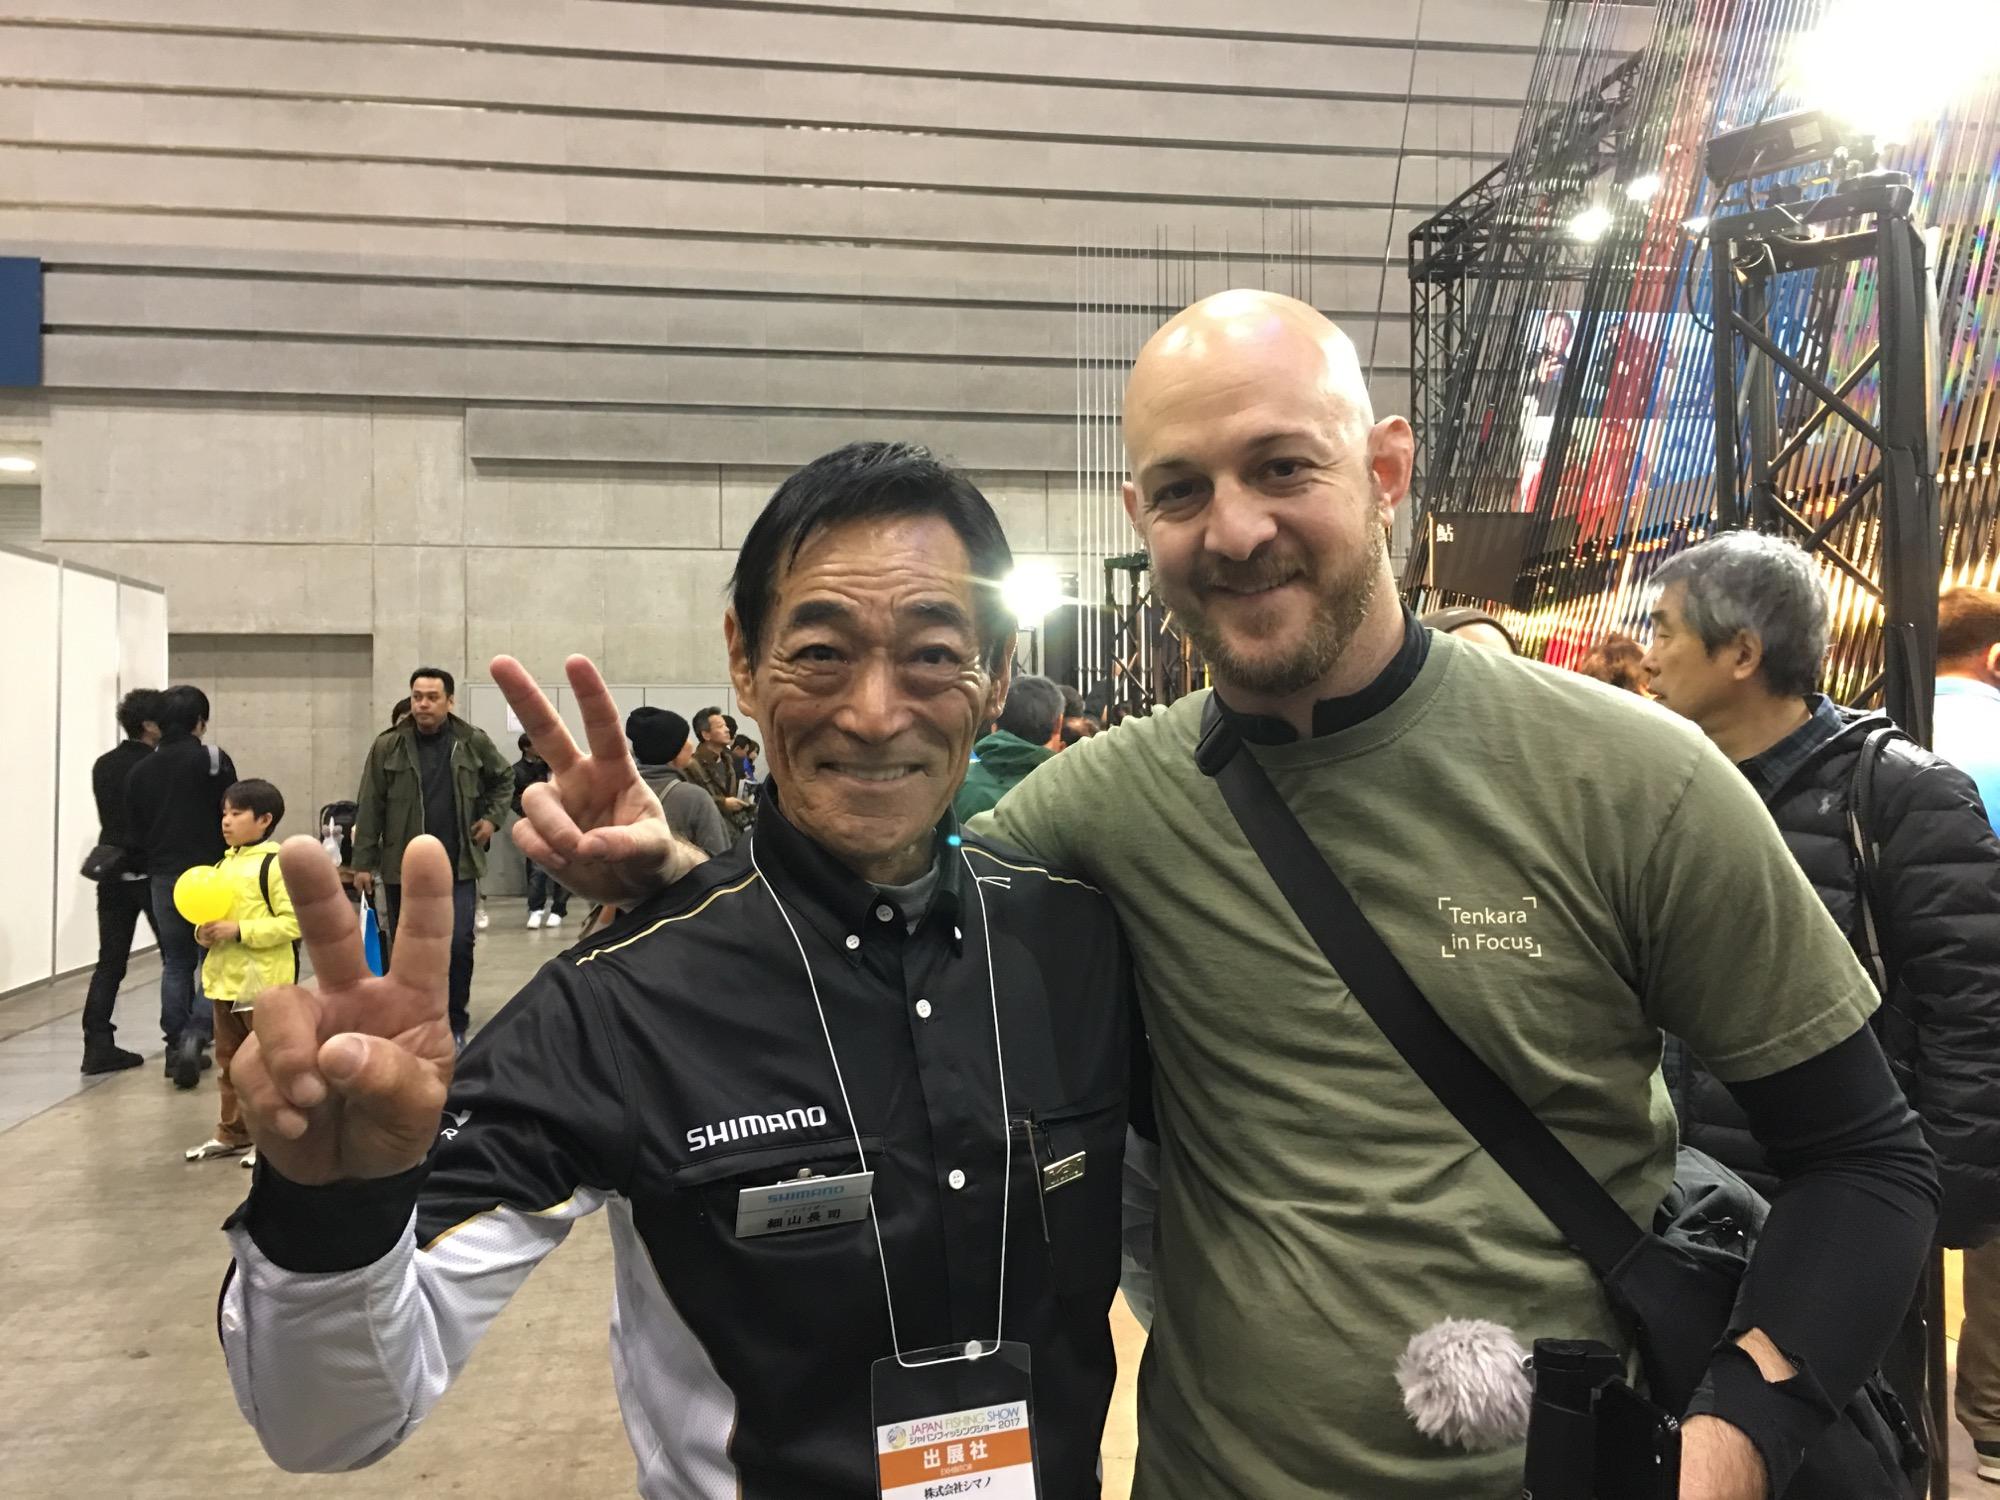 Choji Hosoyama